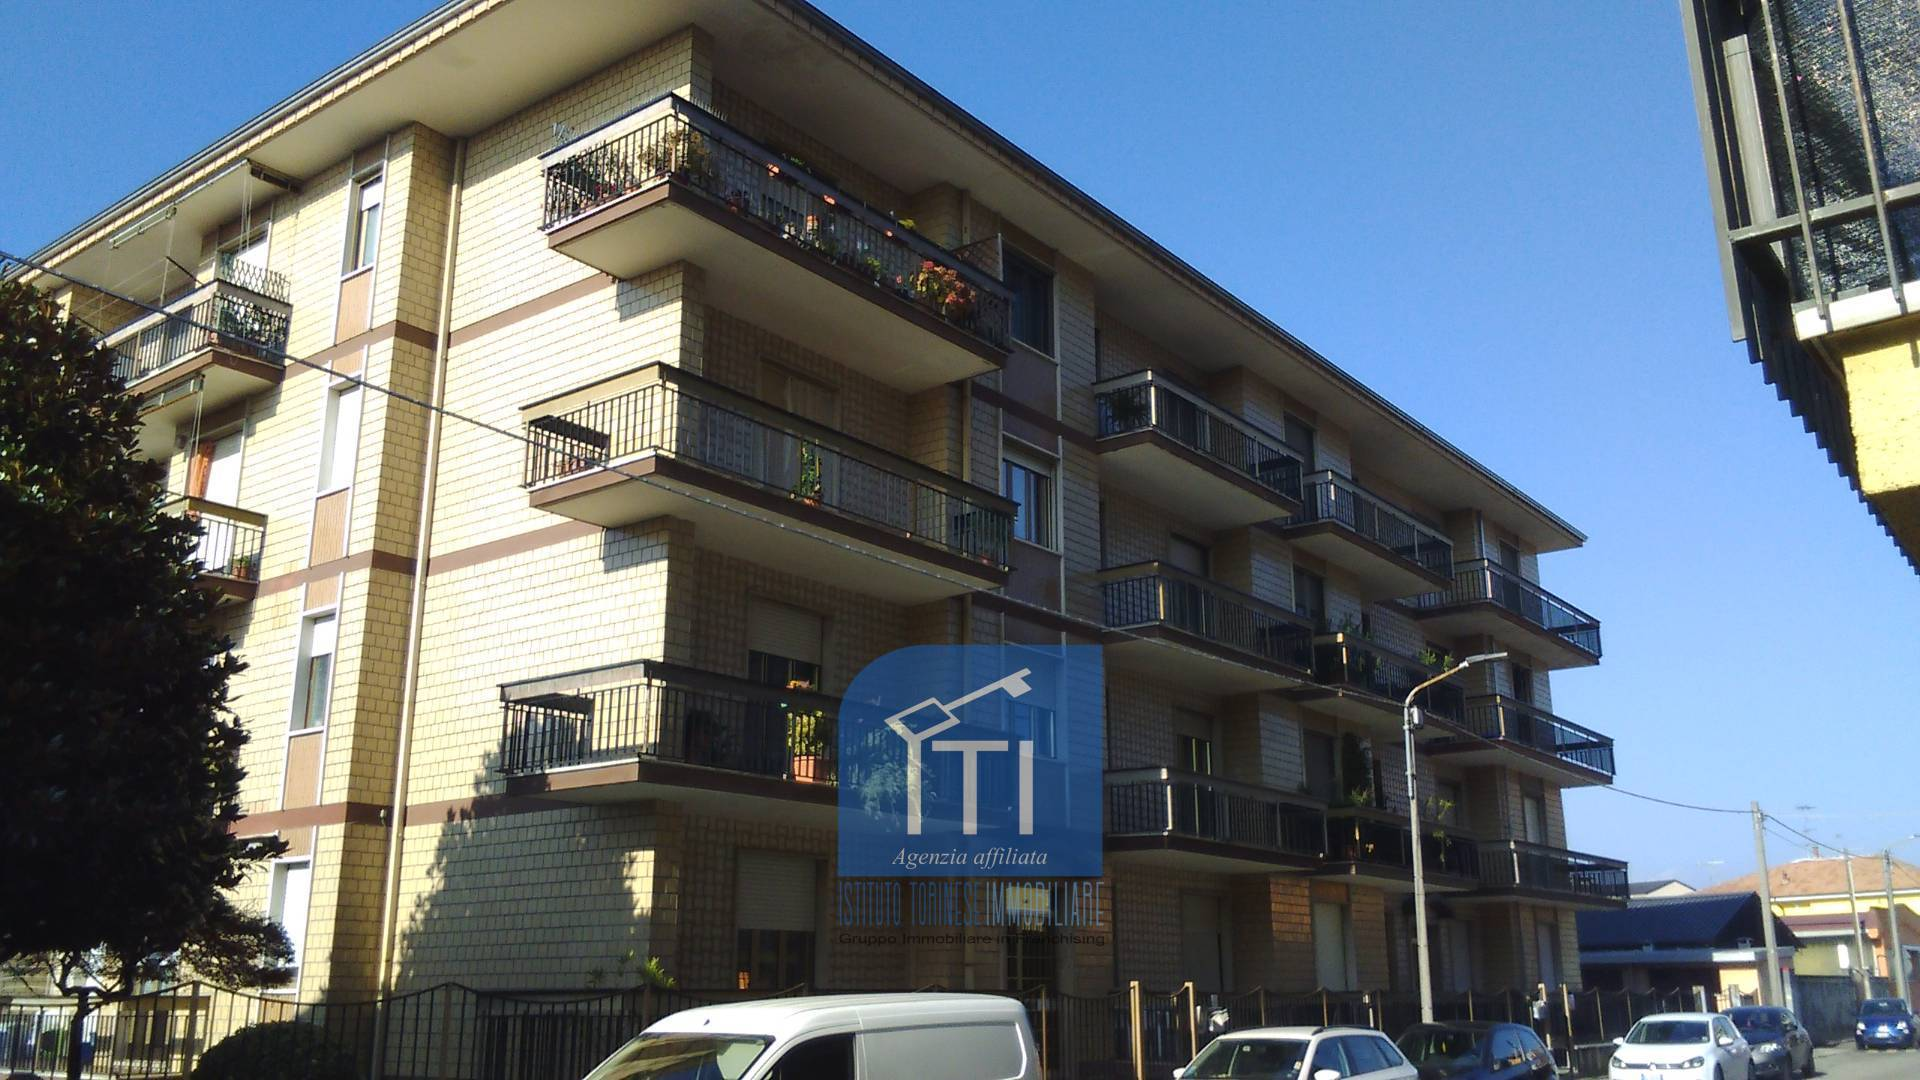 Appartamento in vendita a Santhià, 3 locali, prezzo € 69.000 | CambioCasa.it